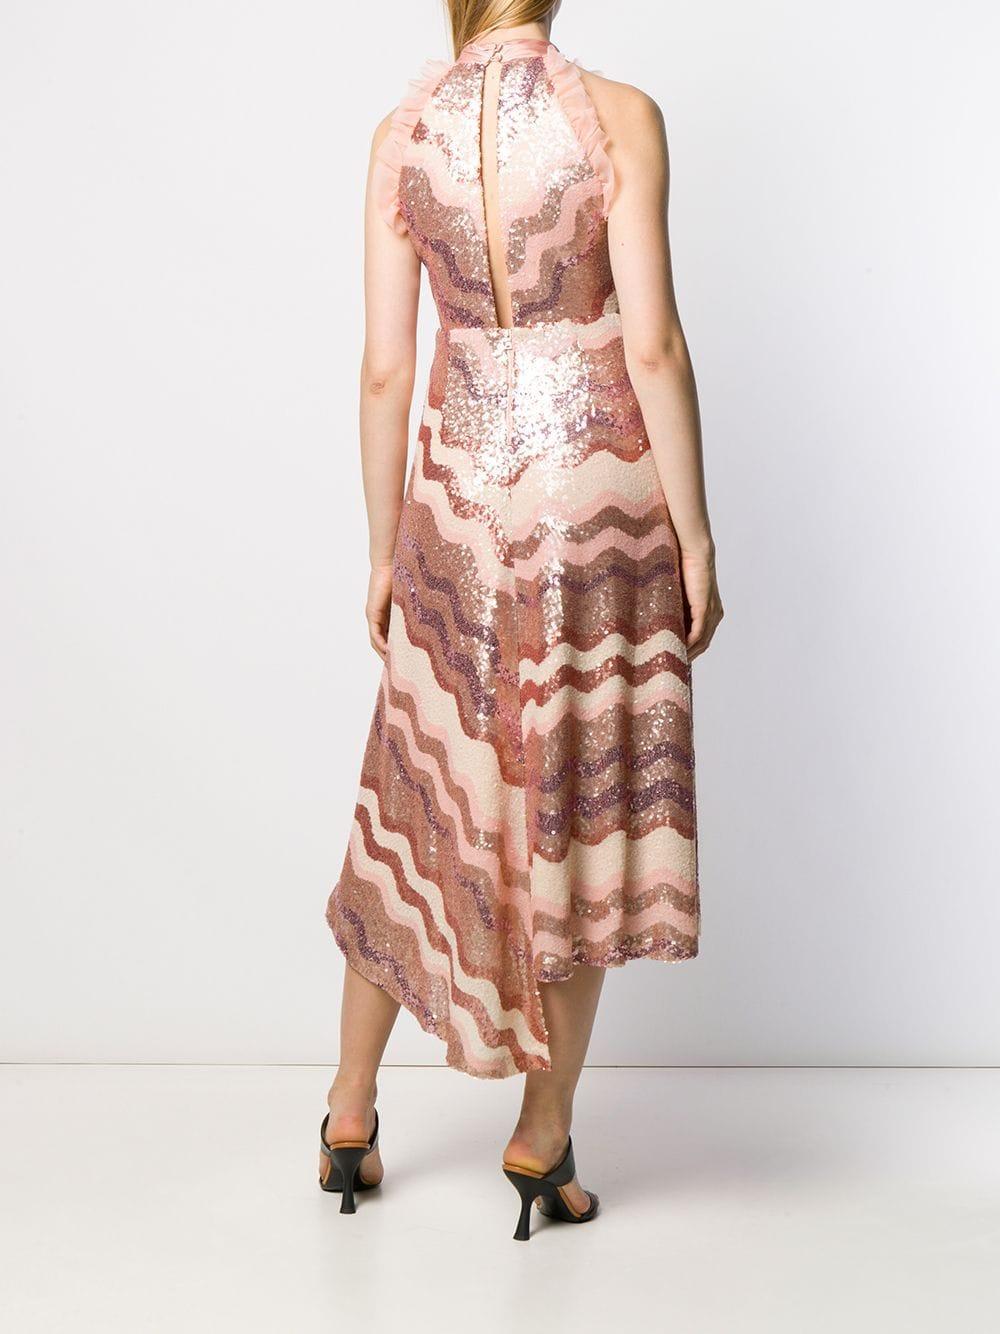 Vestido Dream Vision Three Floor de Tejido sintético de color Rosa